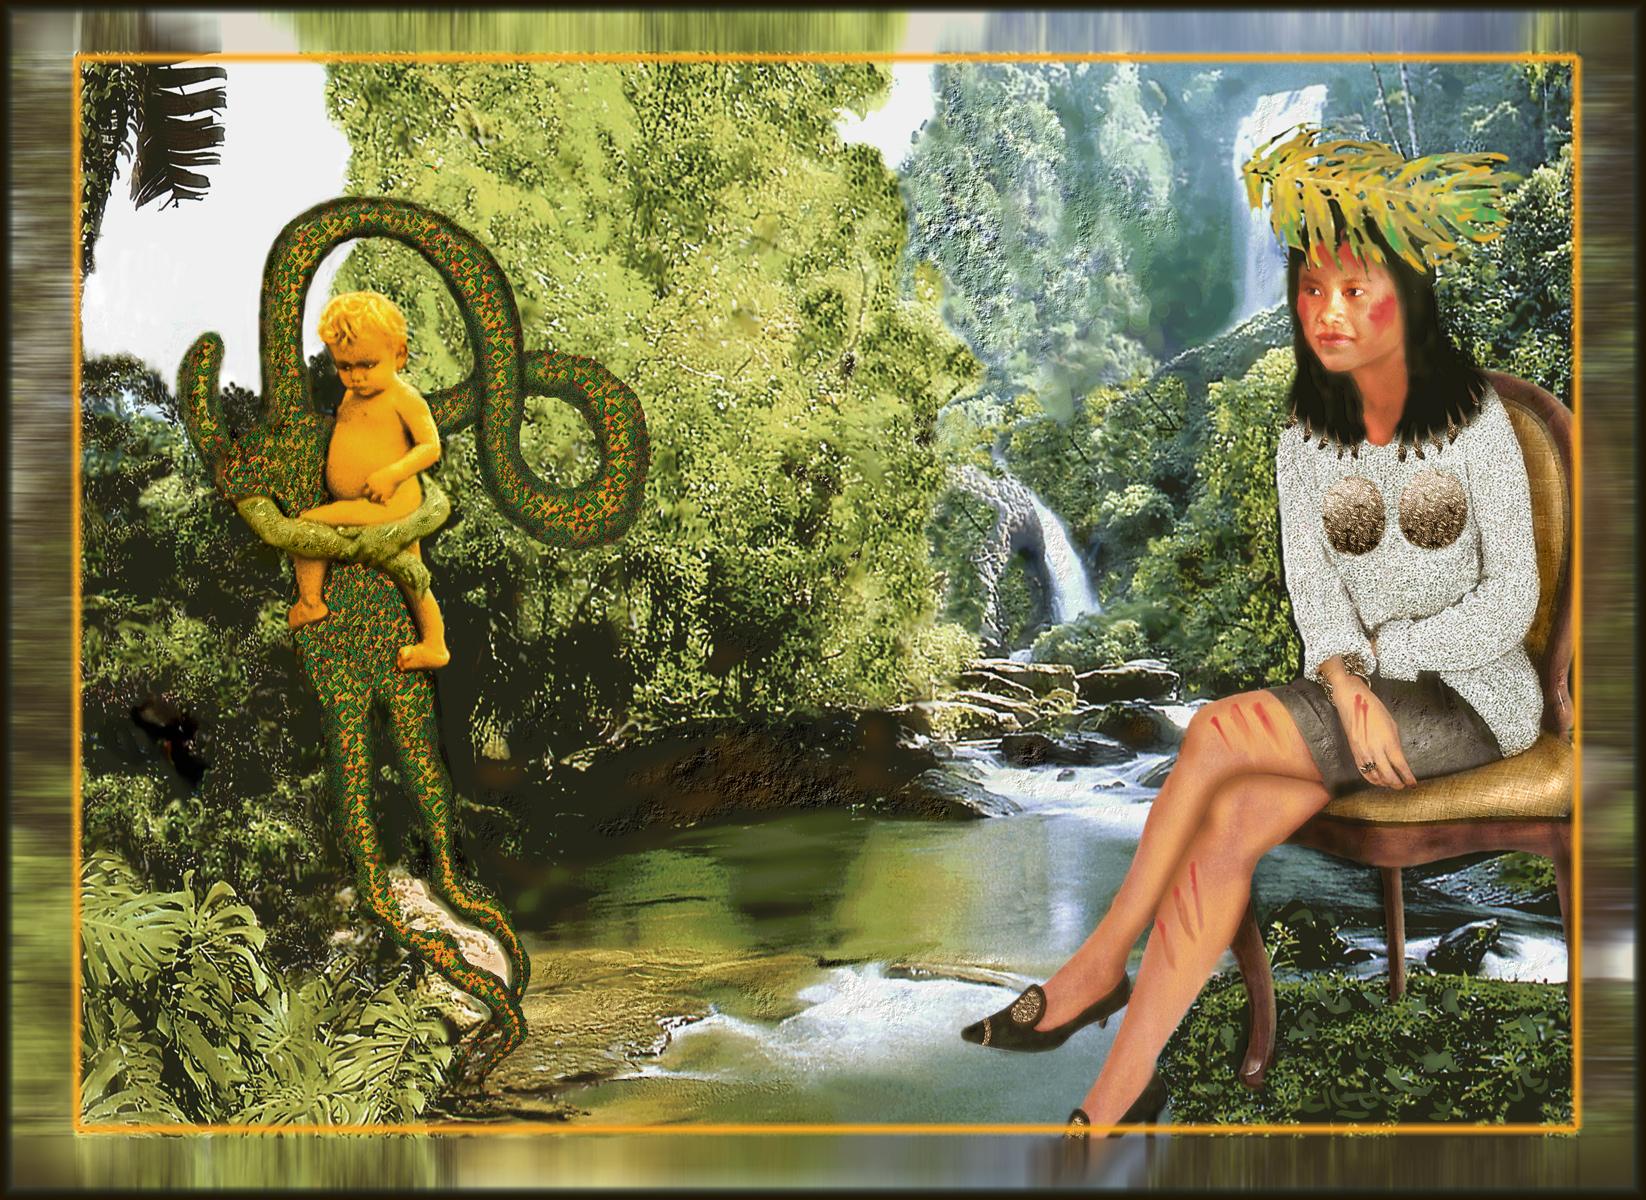 Amazonamerica